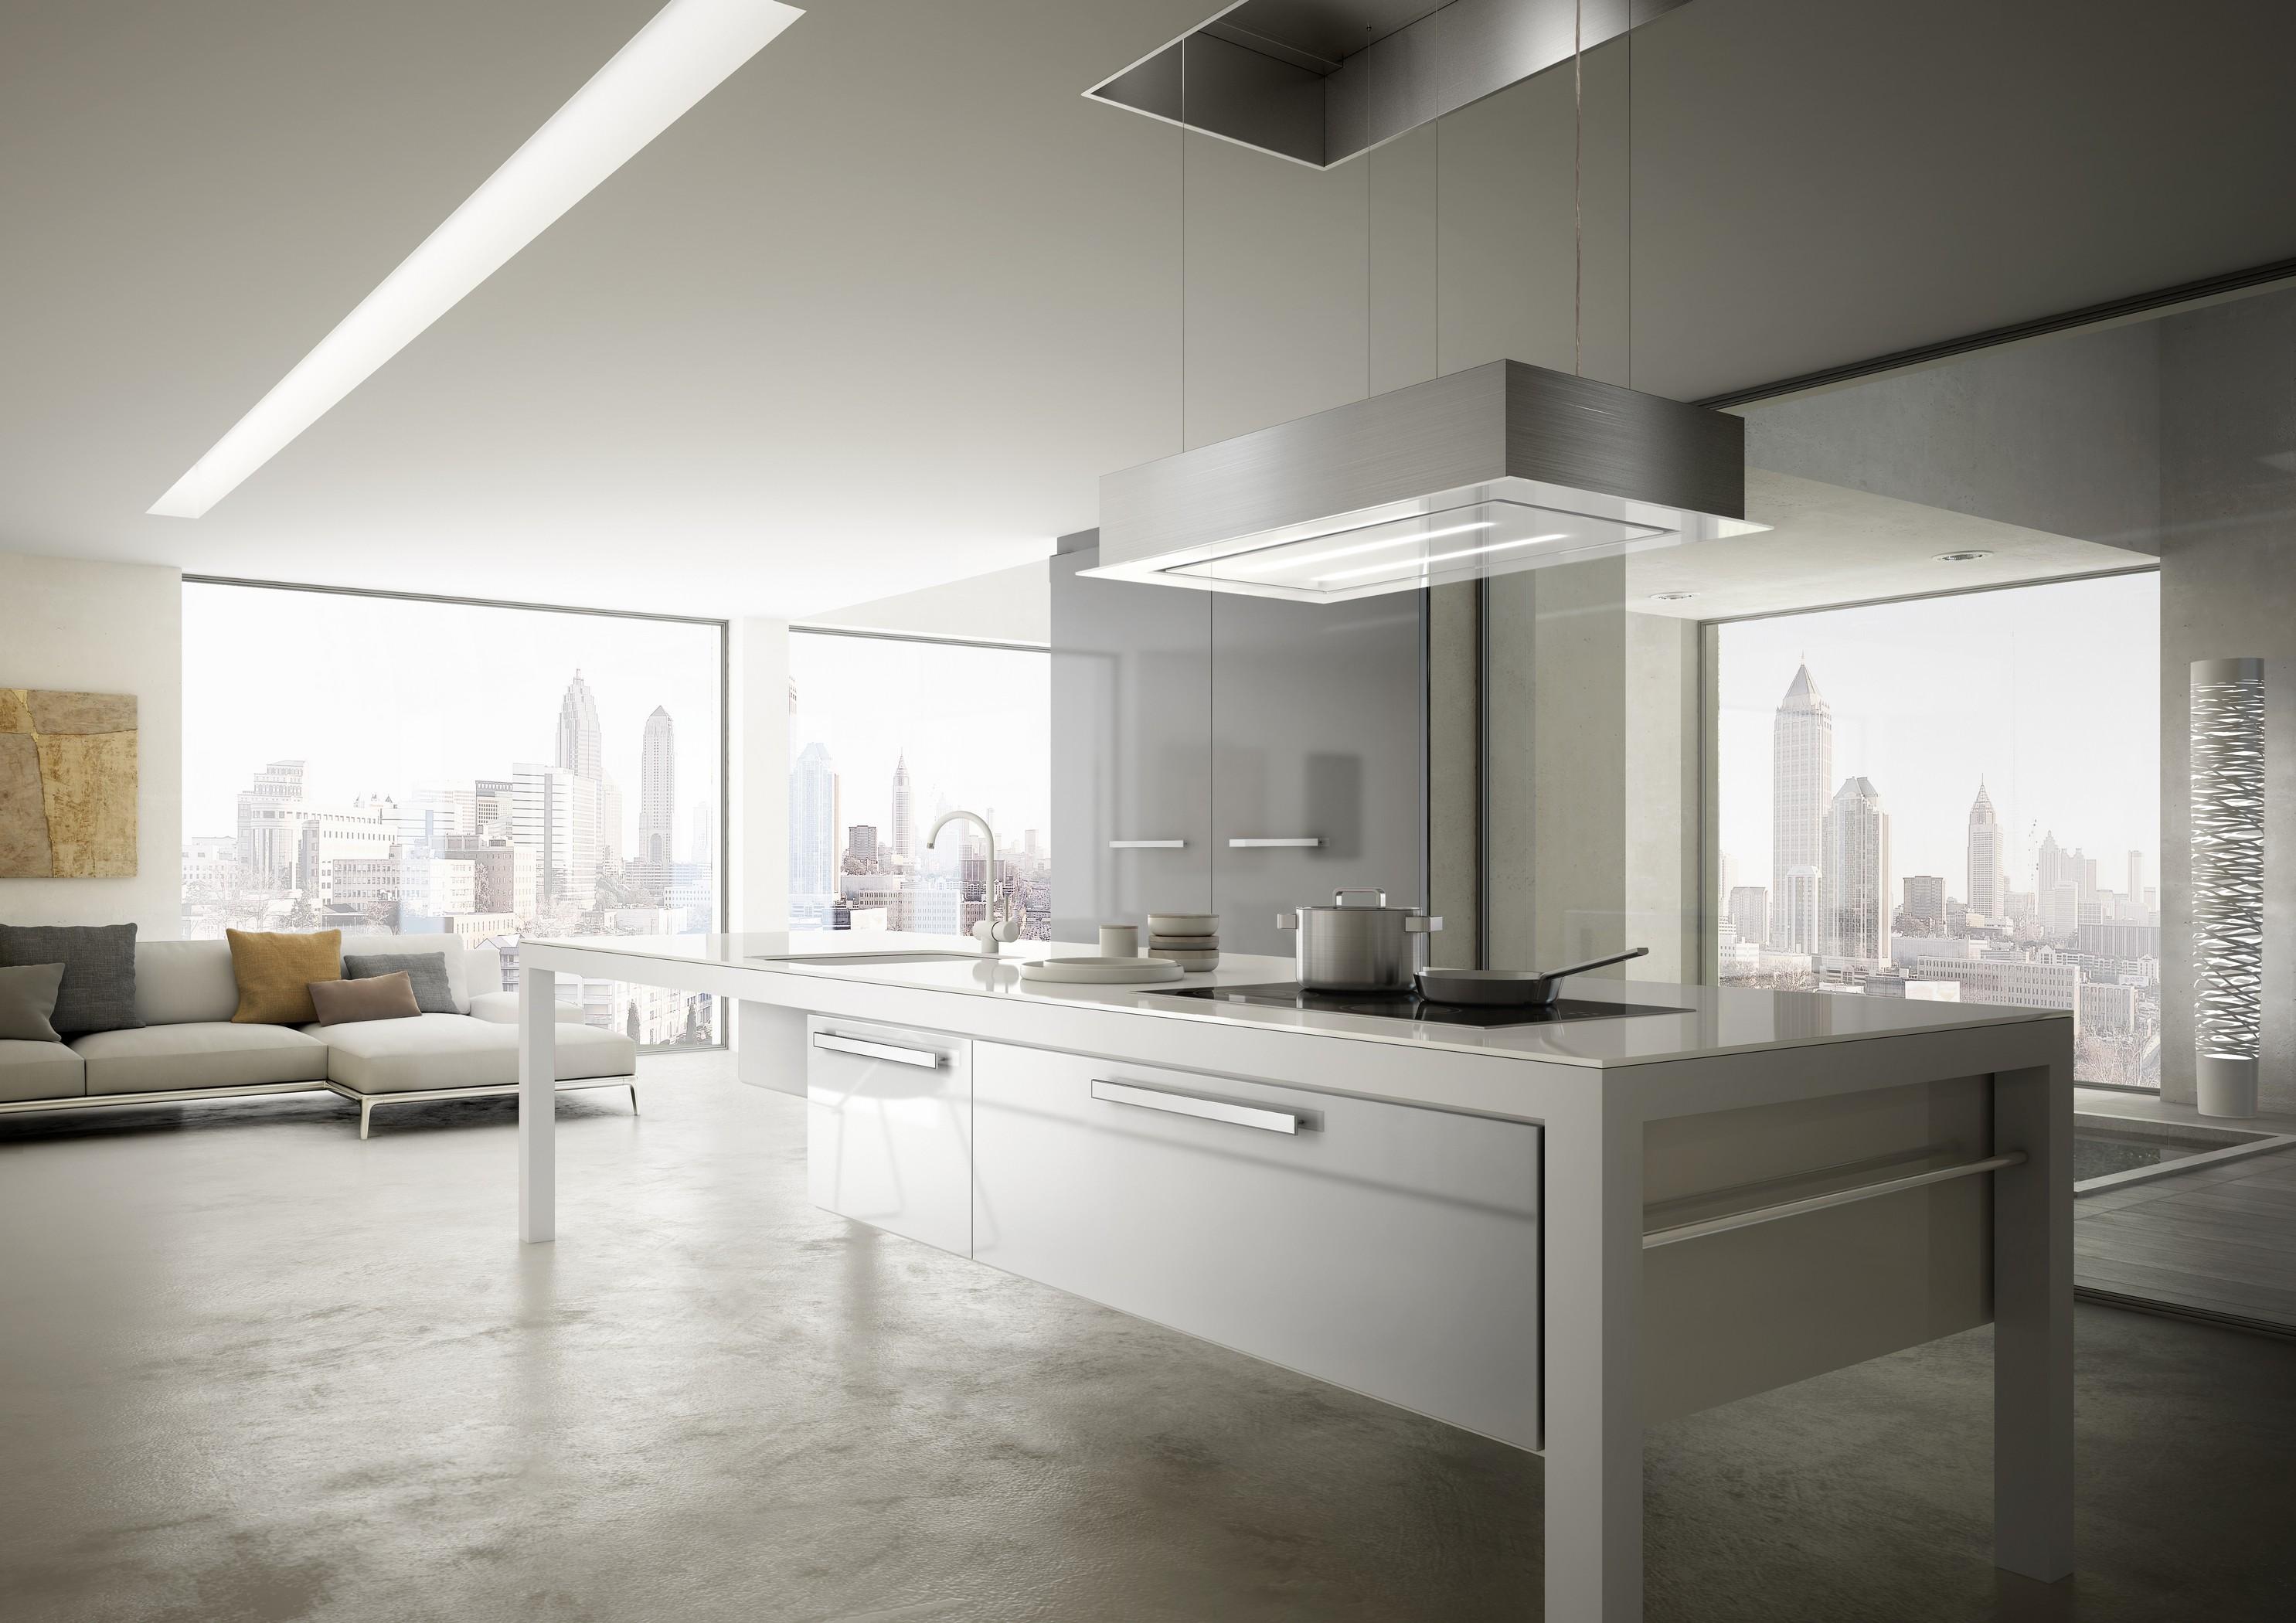 островные кухонные вытяжки